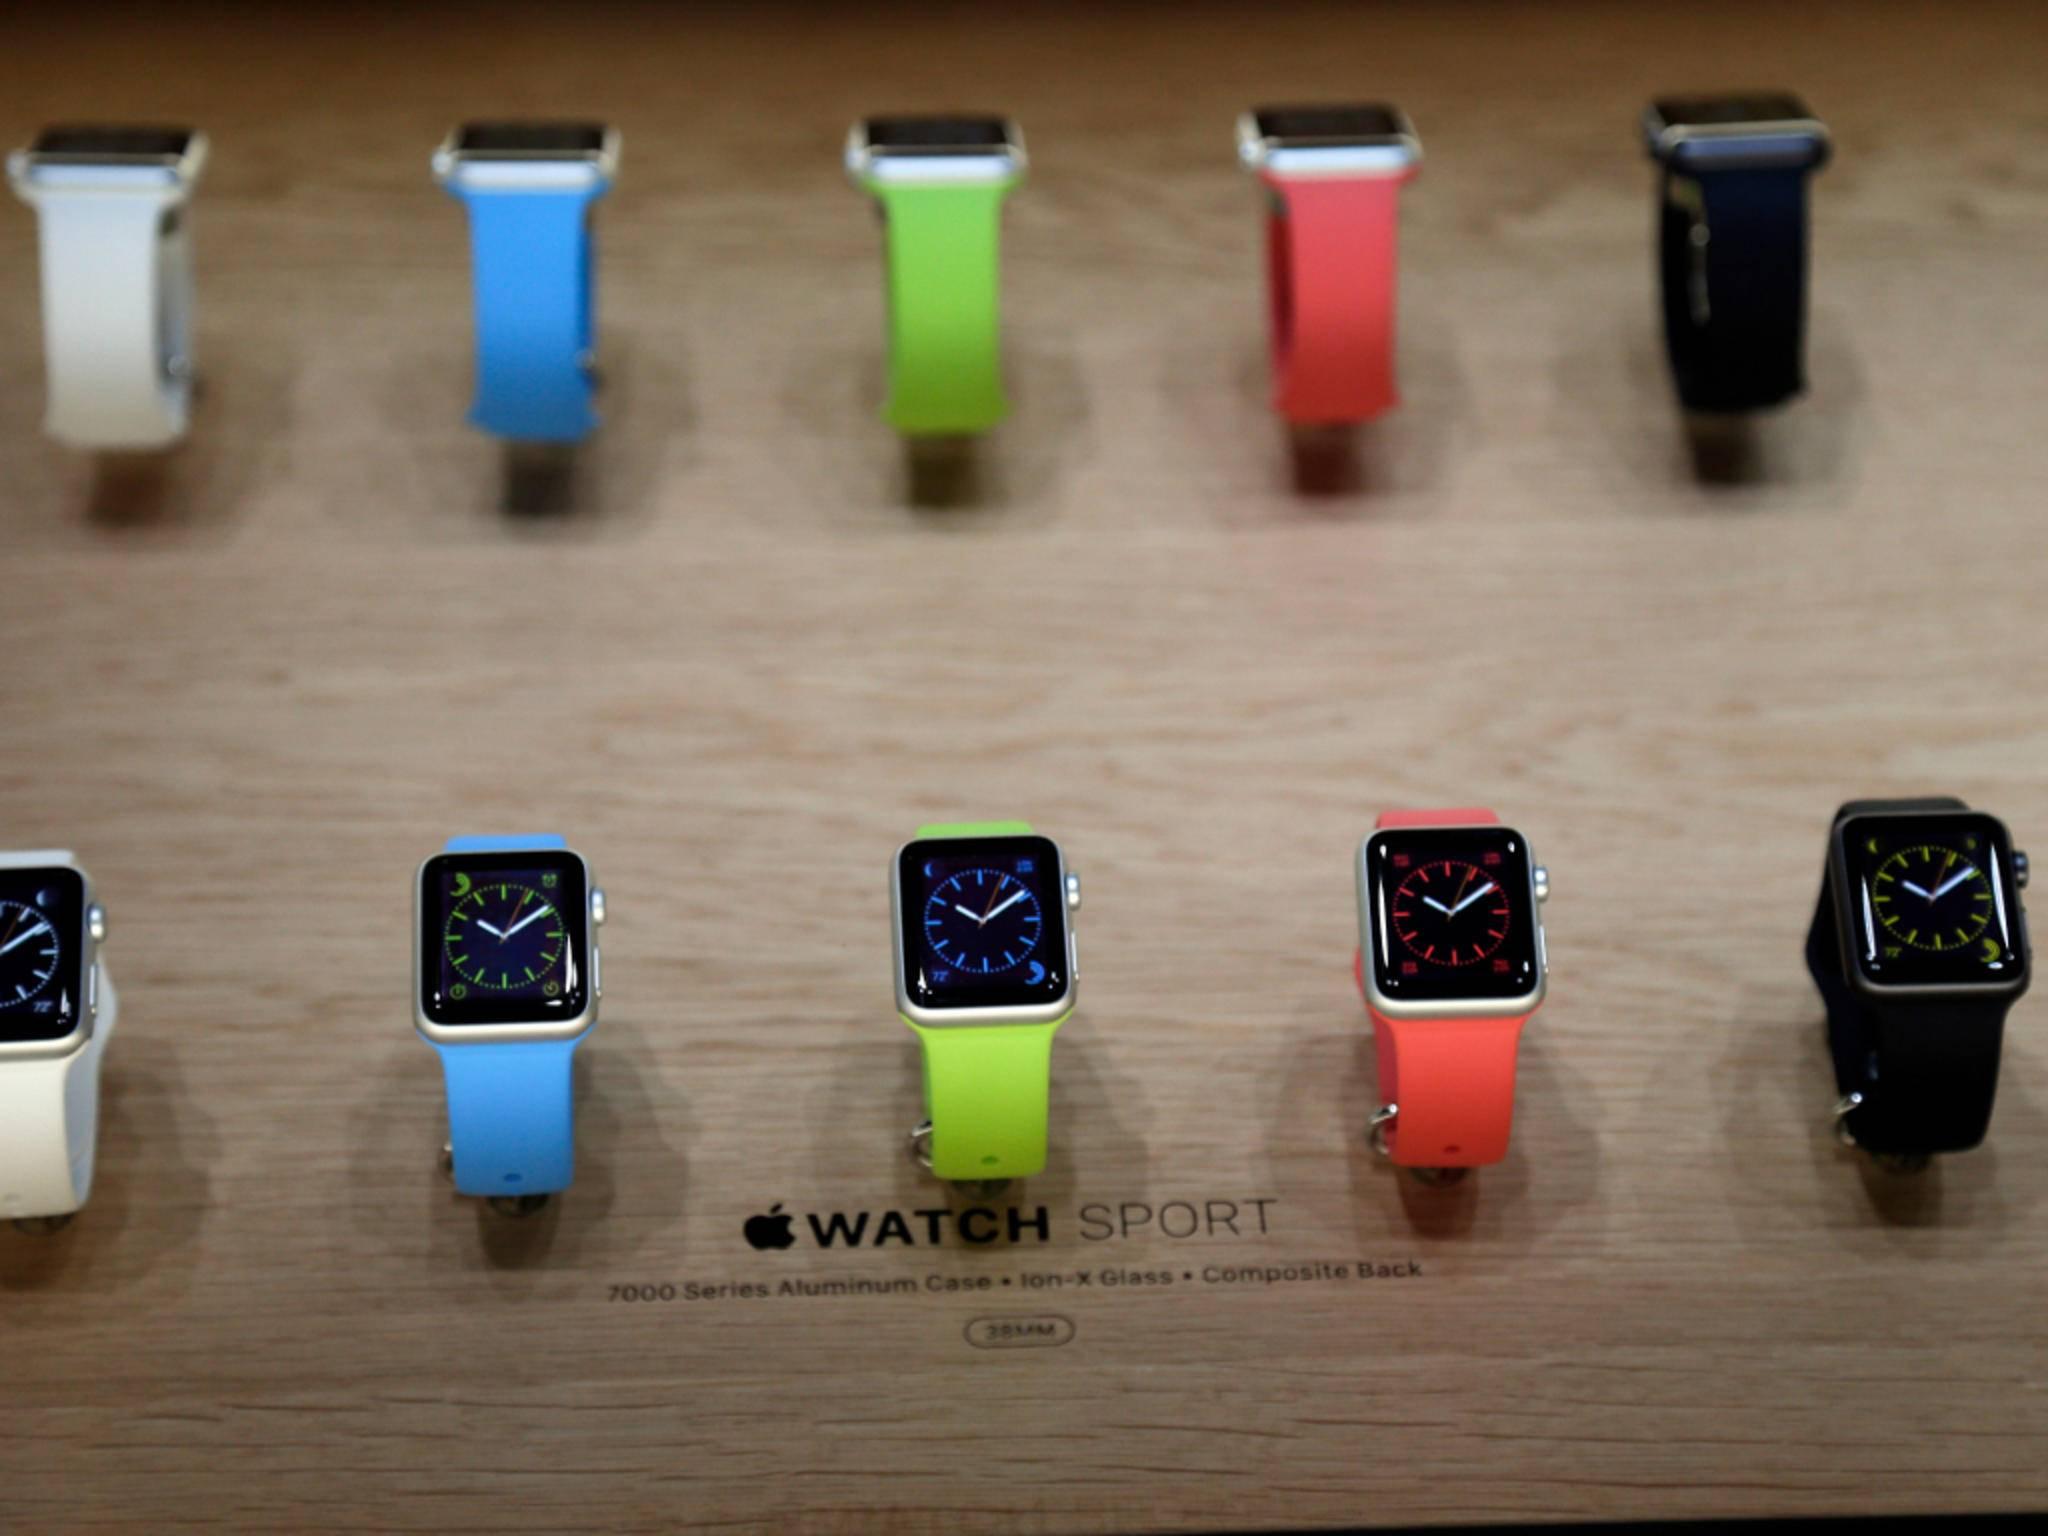 47 Millionen verkaufte Apple Watches bis Ende 2016? Optimistisch oder realistisch?